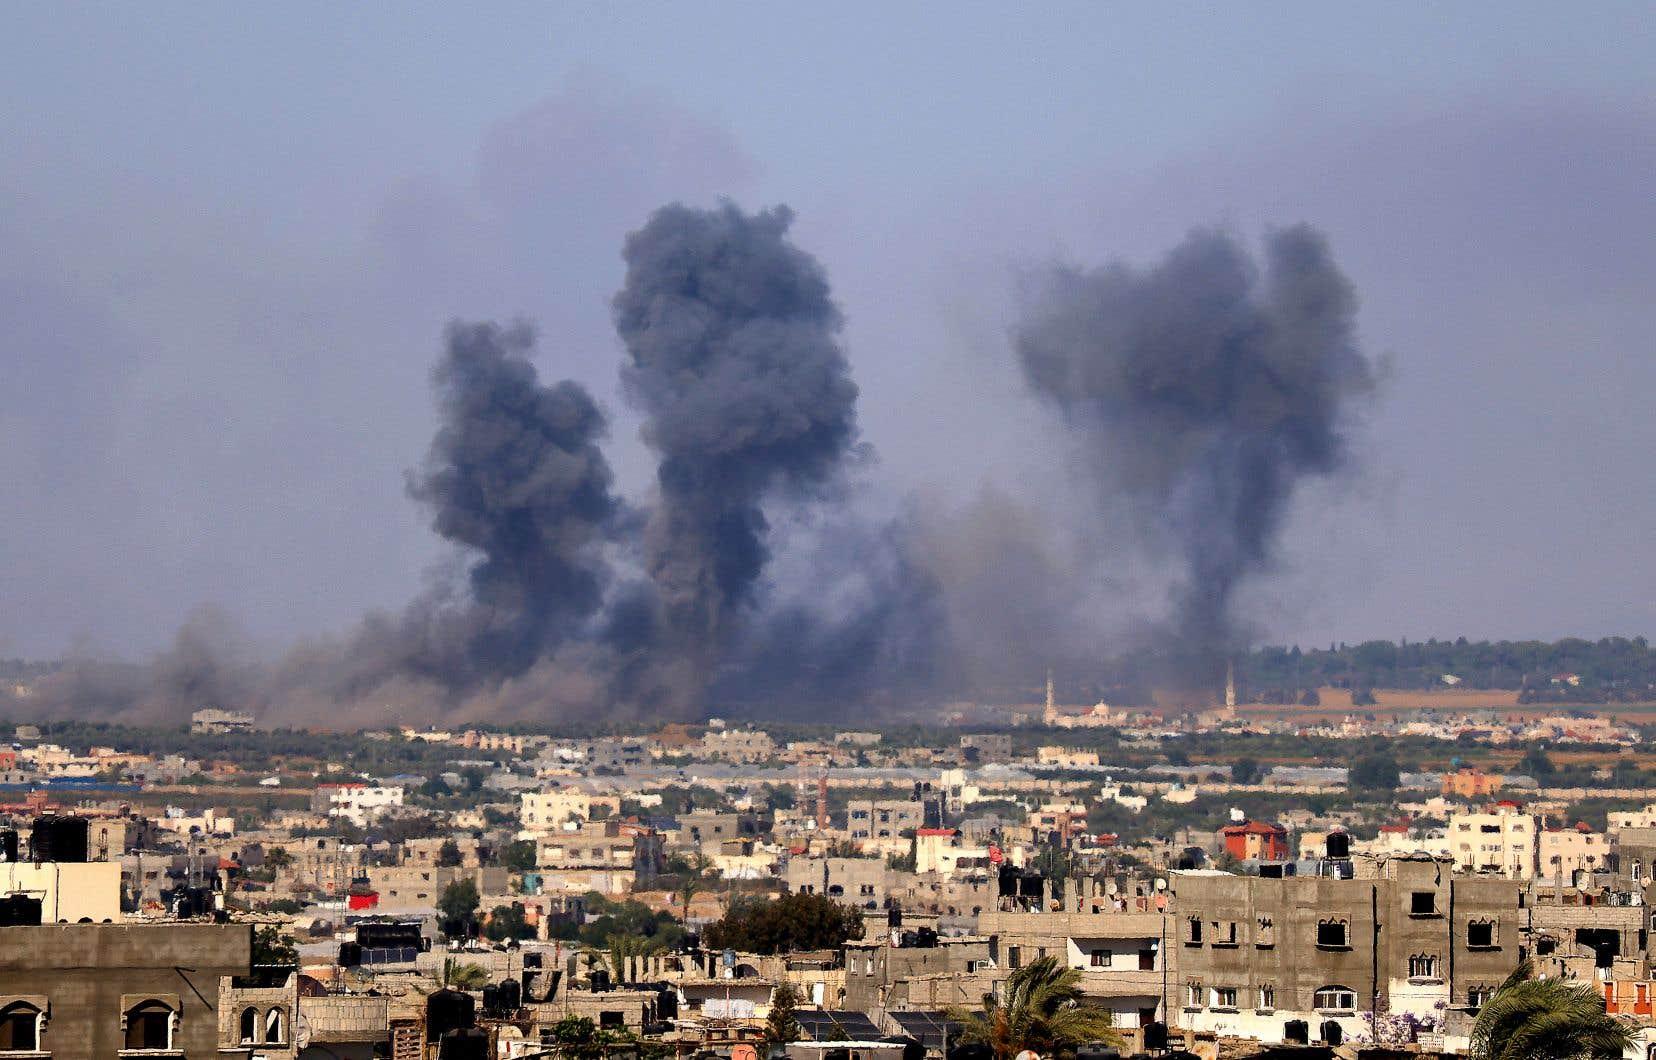 La flambée de violences qui dure depuis le 10 mai, la plus meurtrière depuis 2014 entre l'État hébreu et le Hamas, a coûté la vie à au moins 227 Palestiniens. Sur la photo, de la fumée dans le ciel de Rafah, dans le sud de la bande de Gaza, après des frappes aériennes israéliennes, mercredi.